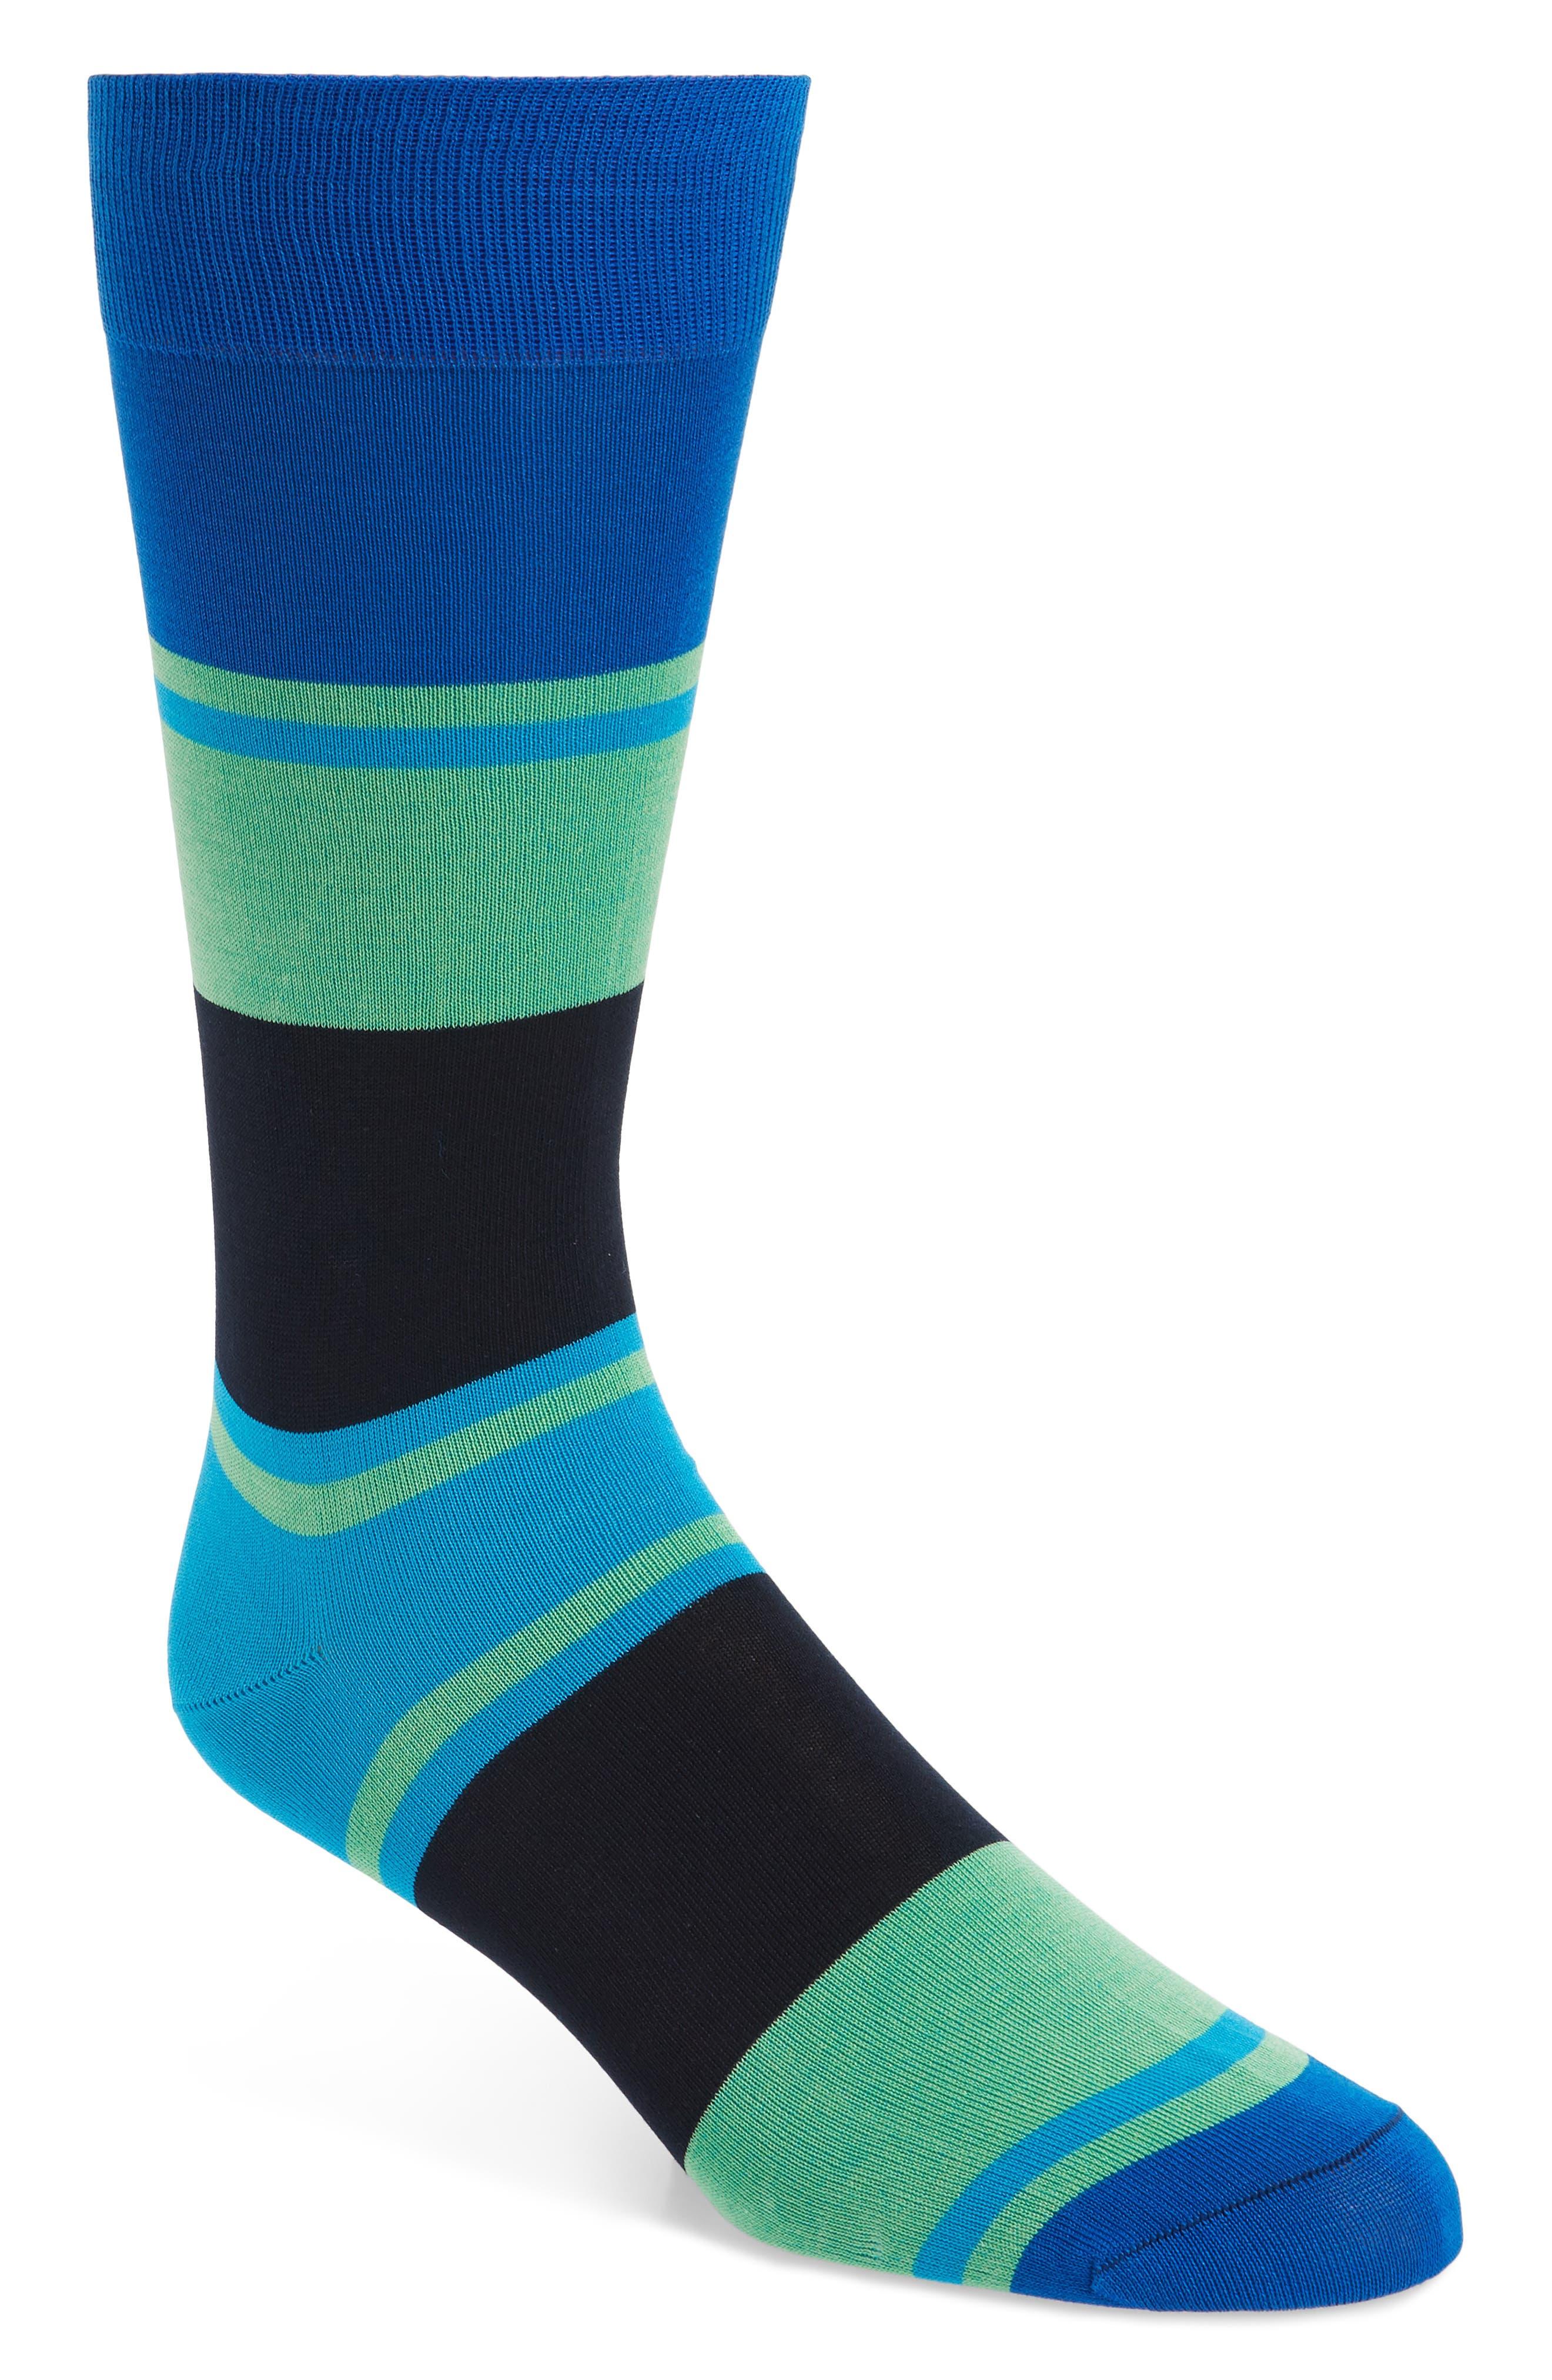 Block Stripe Socks,                             Main thumbnail 1, color,                             401